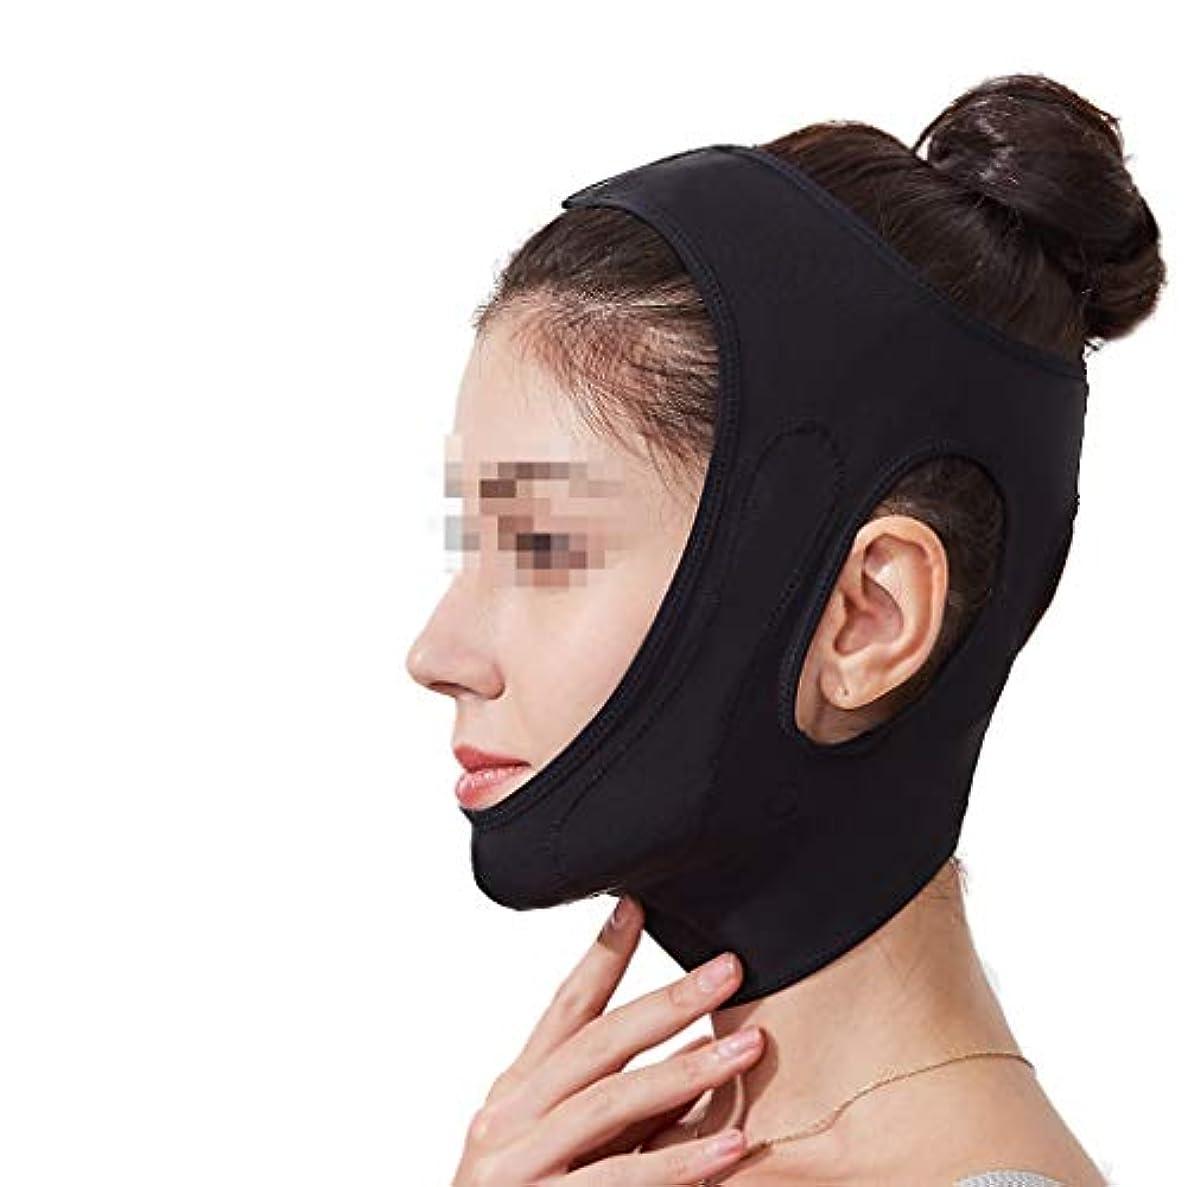 カジュアル判定リングレットフェイスリフティング包帯、フェイスマスクフェイスリフトあご快適な顔マルチカラーオプション (Color : Black)